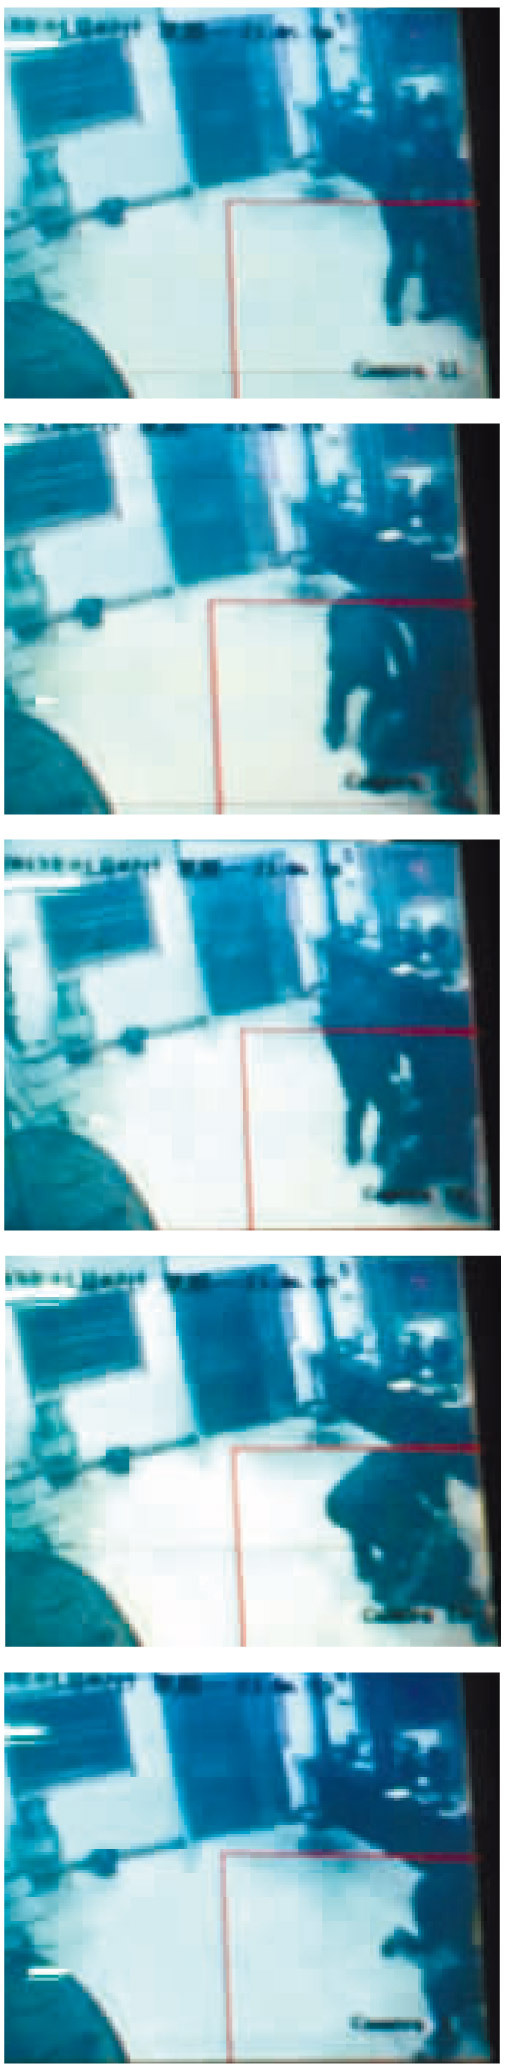 长沙市救助站内的监控,录下了这段打人过程